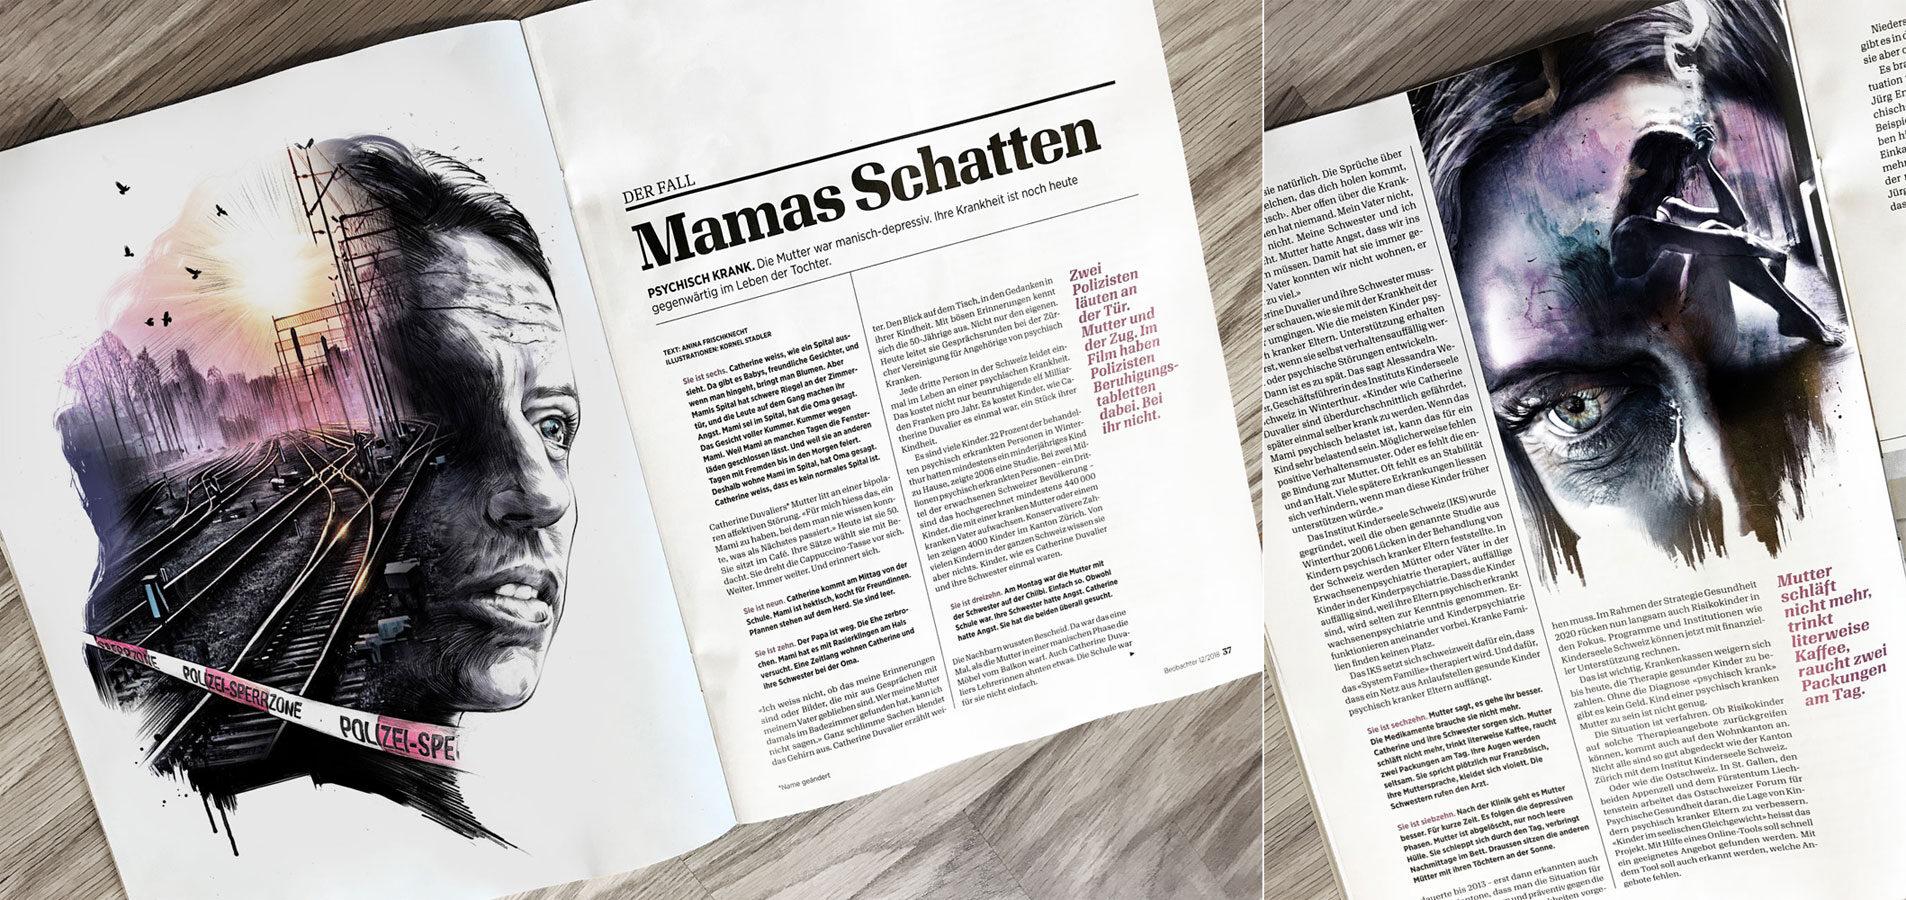 Beobachter6 - Kornel Illustration | Kornel Stadler portfolio